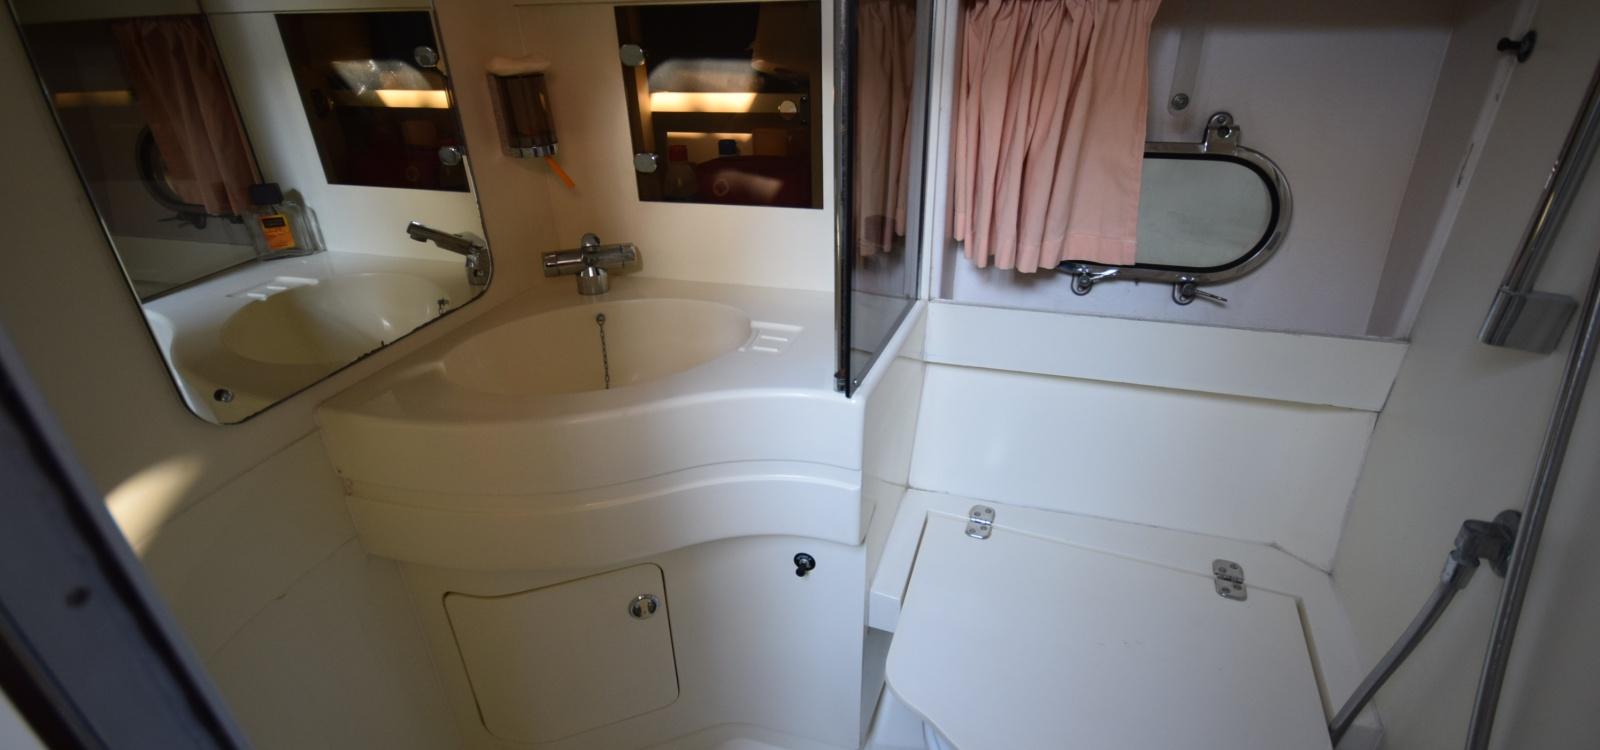 El Masnou,Barcelona,España,1 Dormitorio Habitaciones,1 BañoLavabos,Barco a motor,2063